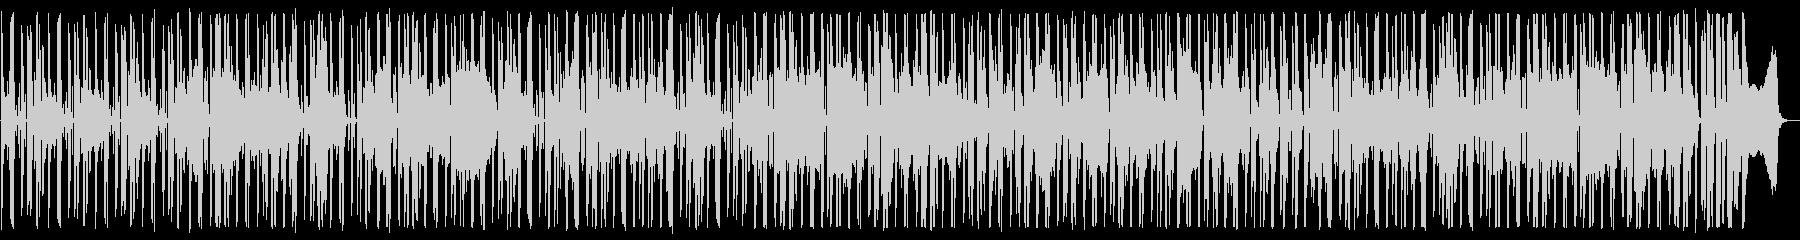 ハードボイルドな探偵_調査BGMの未再生の波形